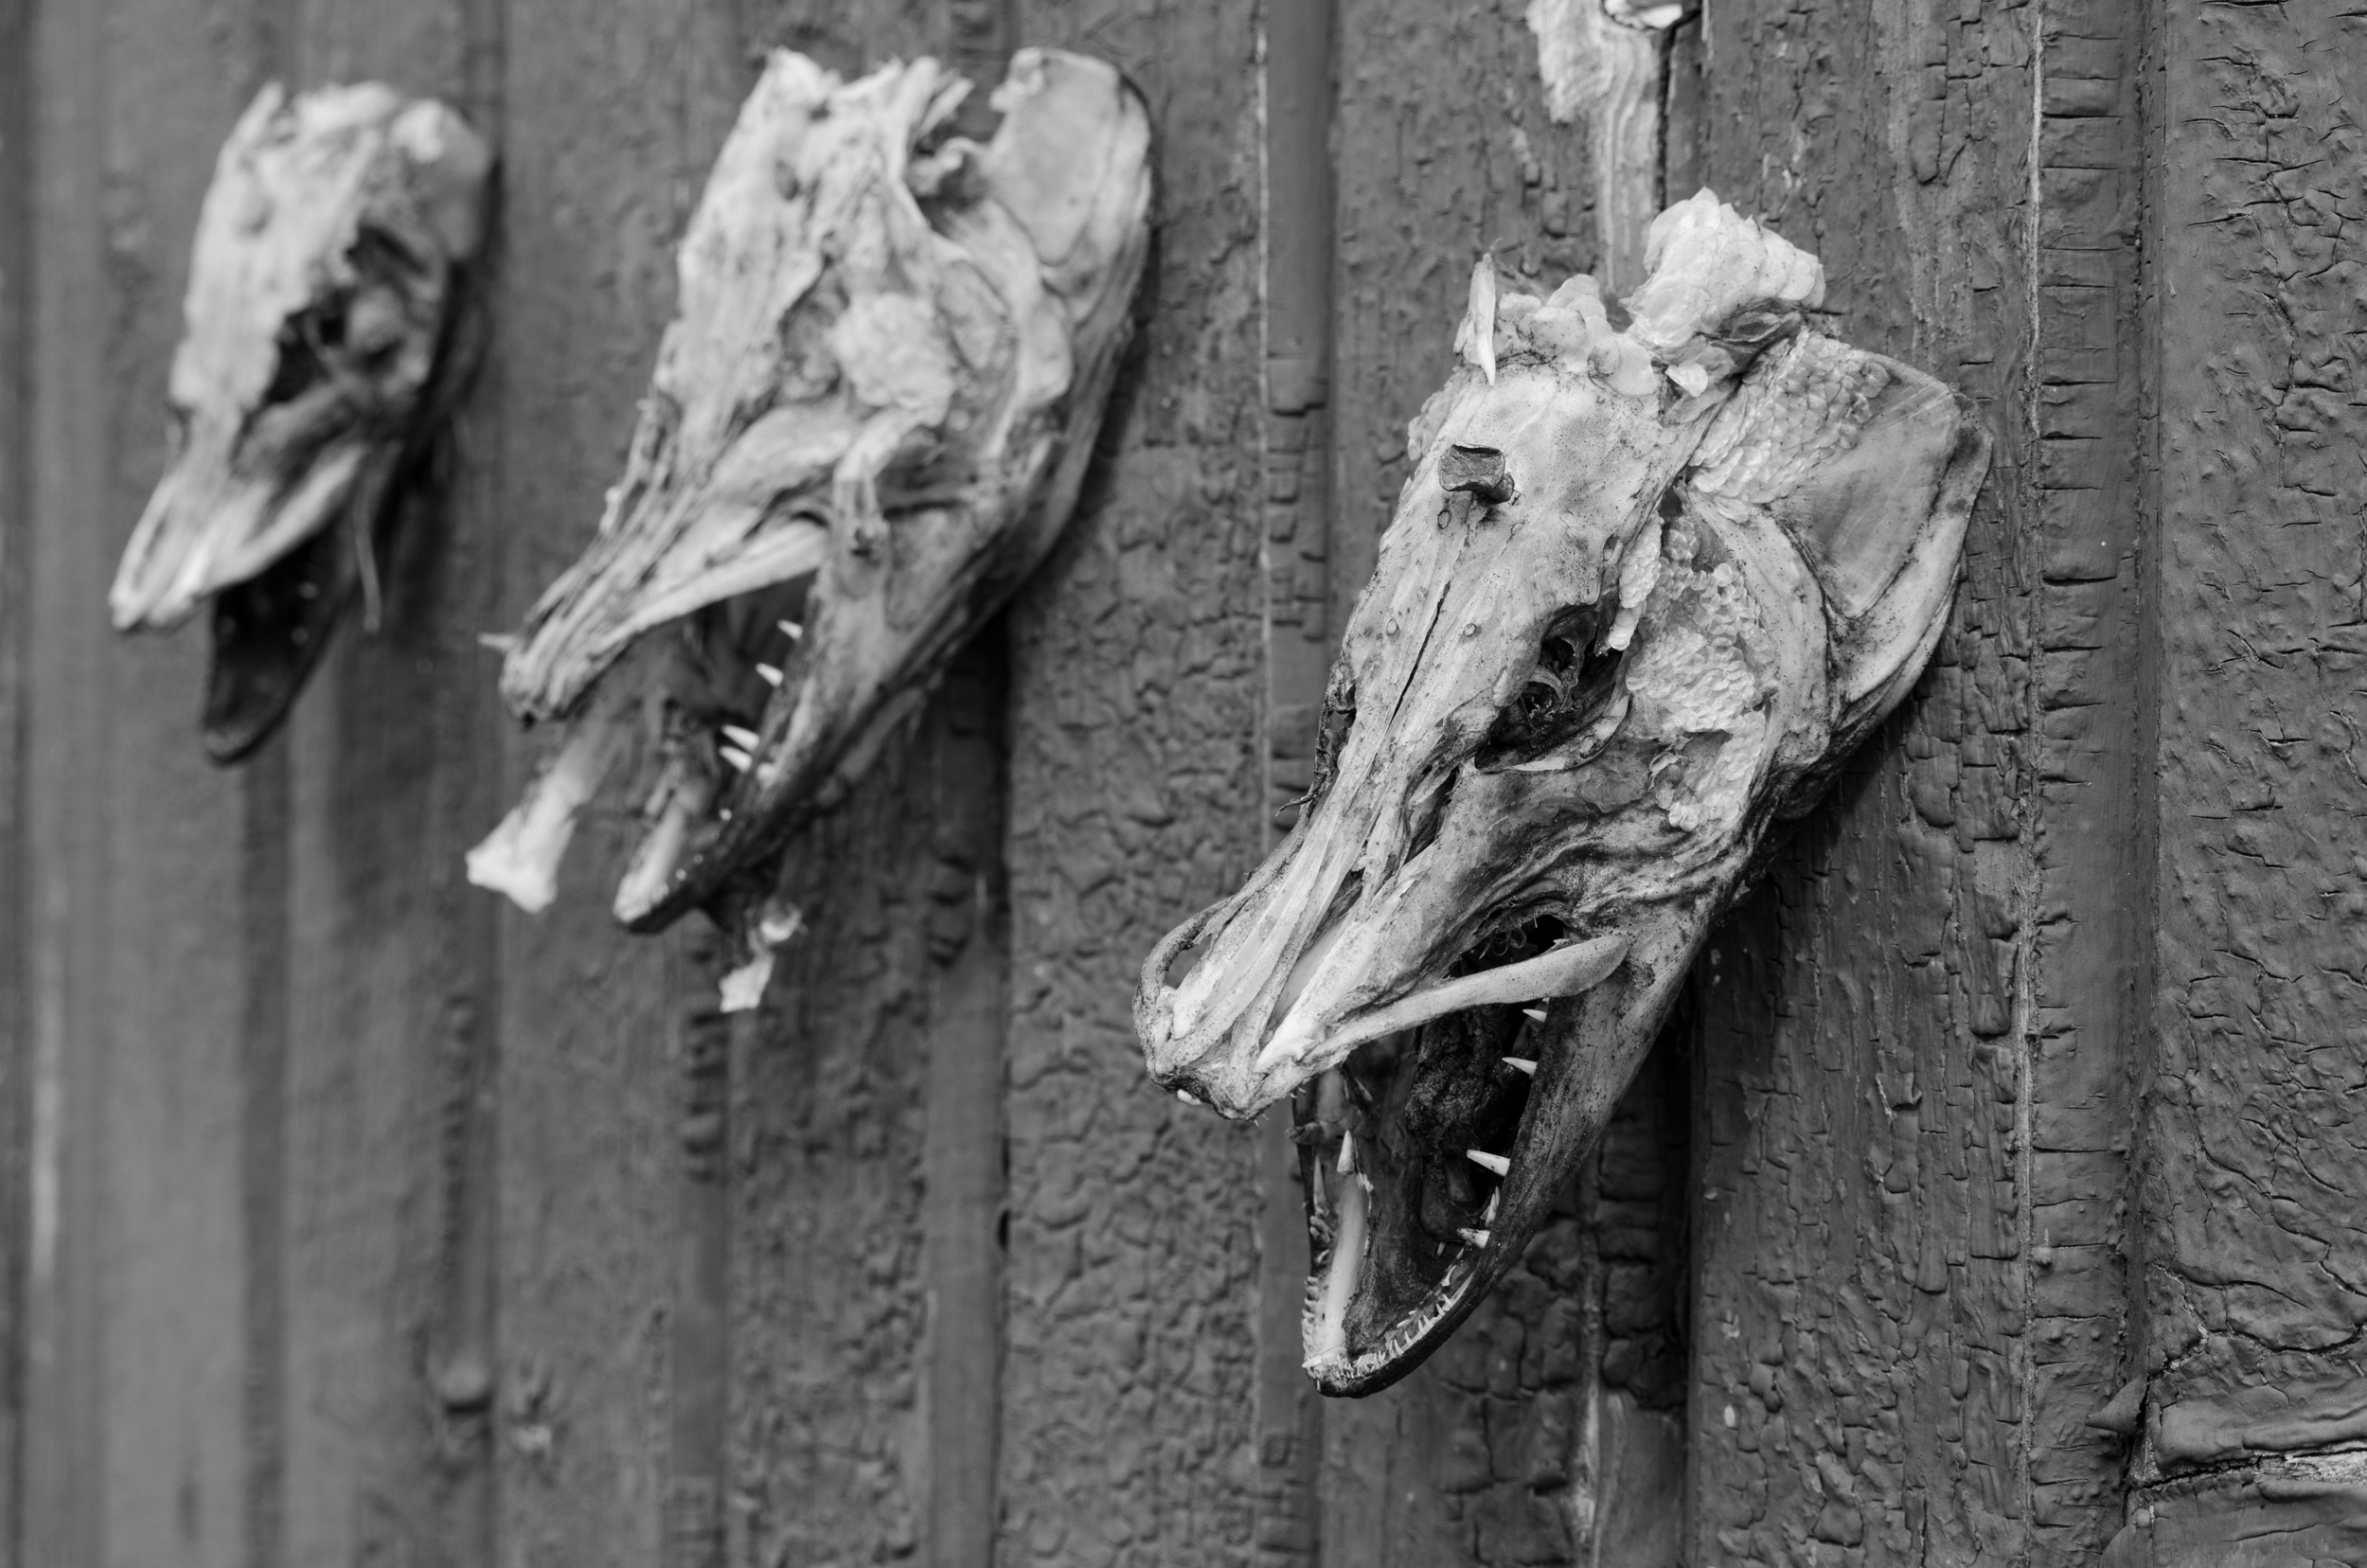 Dessa gäddhuvuden var upphängda på en gammal arbetsbaarck. Man kände sig inte välkommen...